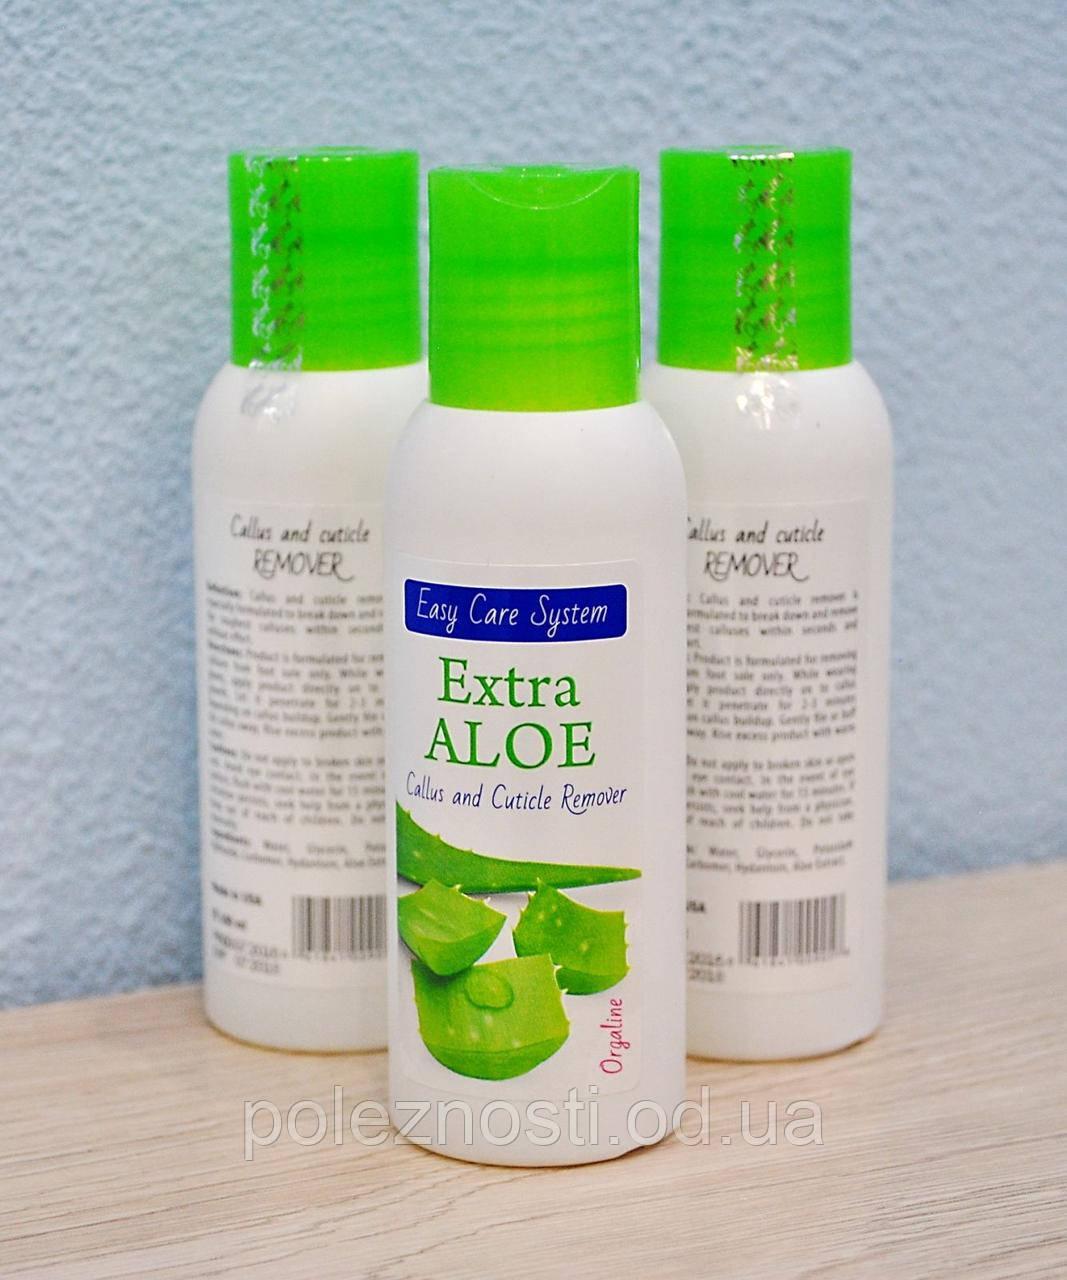 Комплект 3 шт Extra Aloe vera 100 ml, Биогель с экстрактом алоэ вера для необрезного маникюра и педикюра